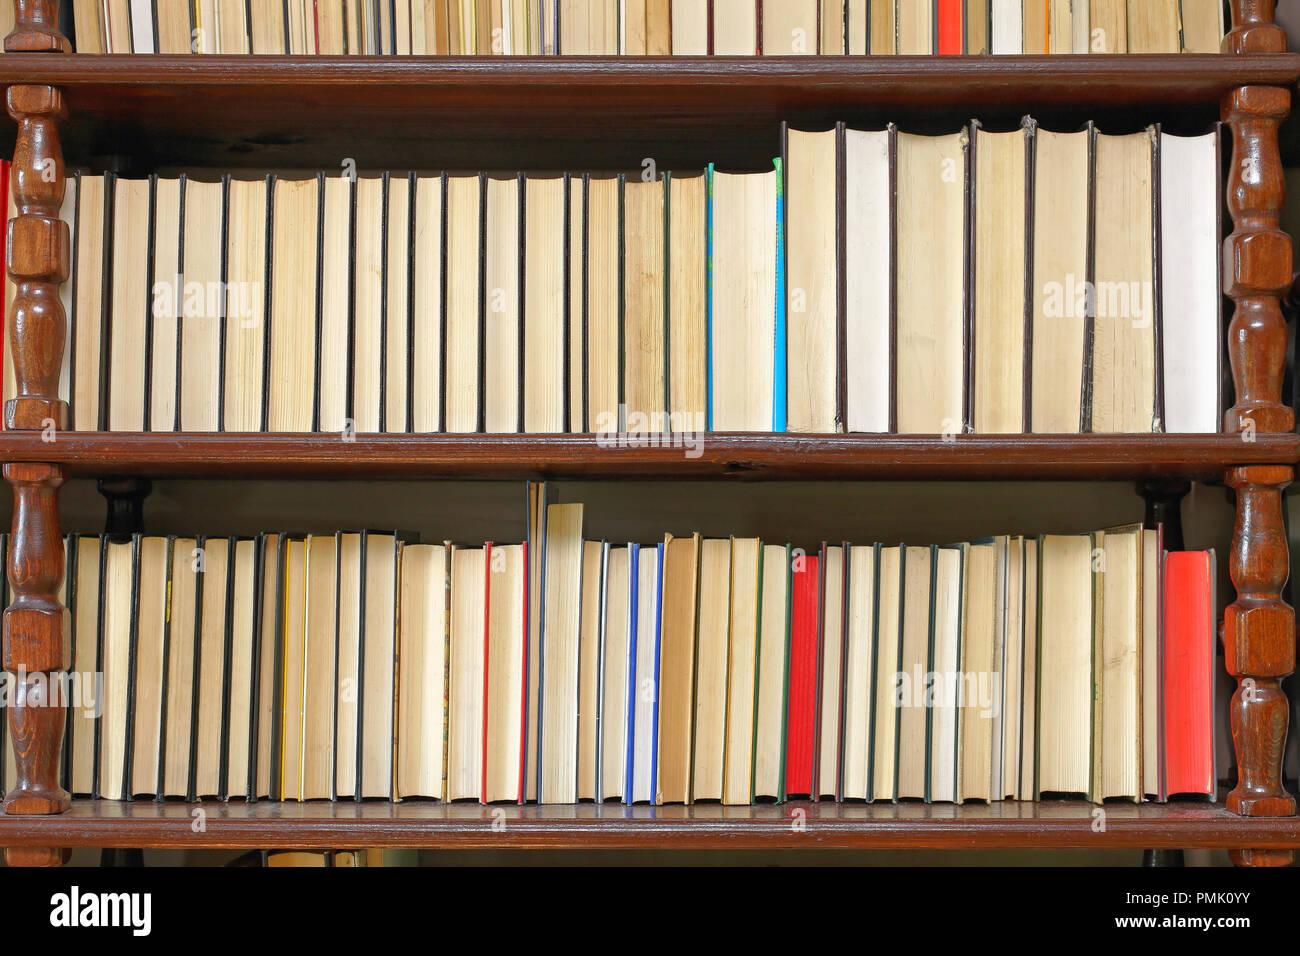 Libreria in legno immagini & libreria in legno fotos stock alamy